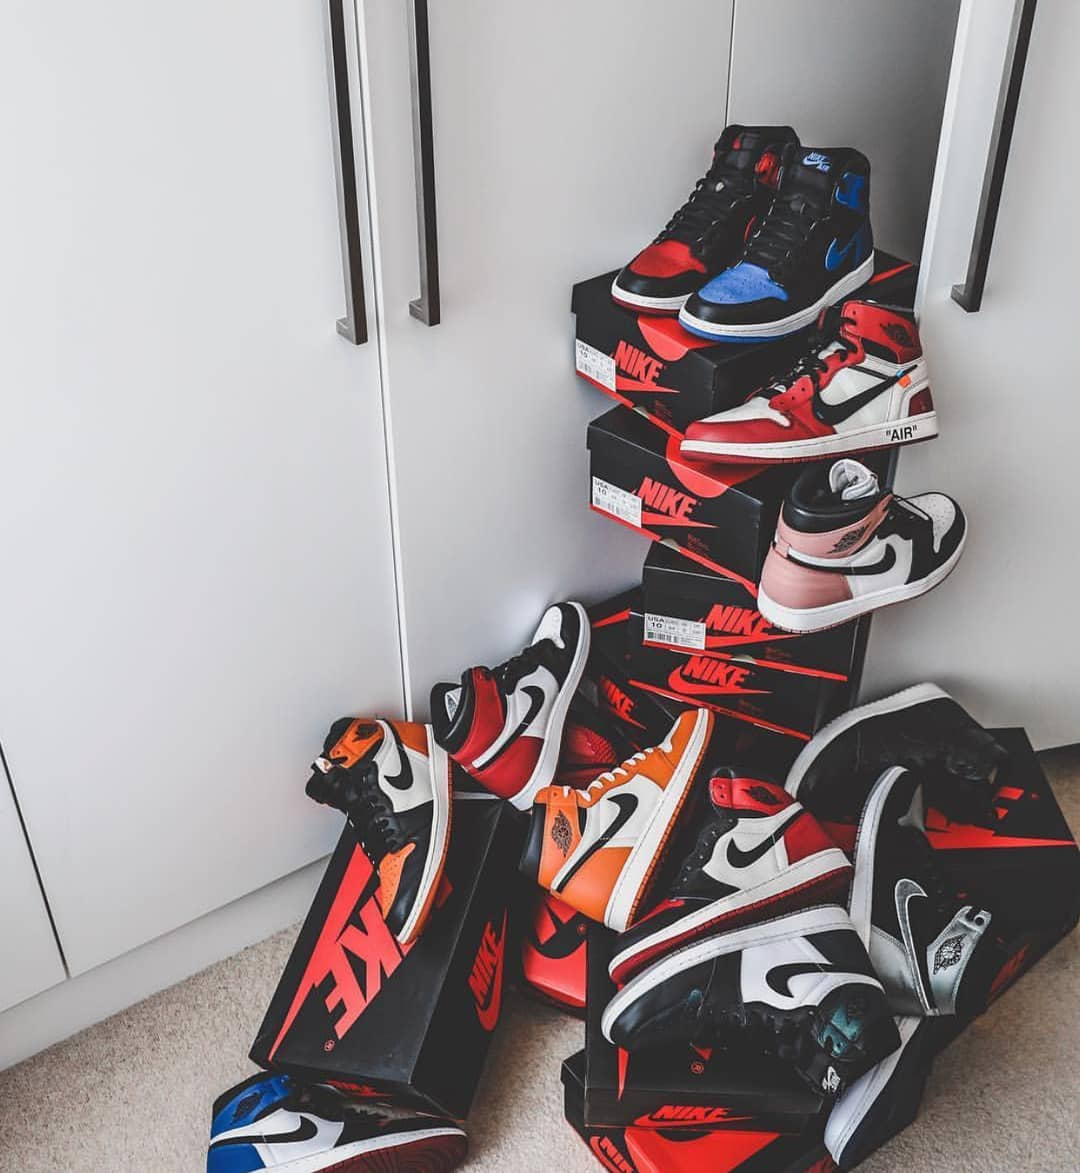 为什么,很多人,都在,天气,最热,的,时候,花钱,  夏季买鞋能赚钱?难怪大家都喜欢在天气最热的时候消费!